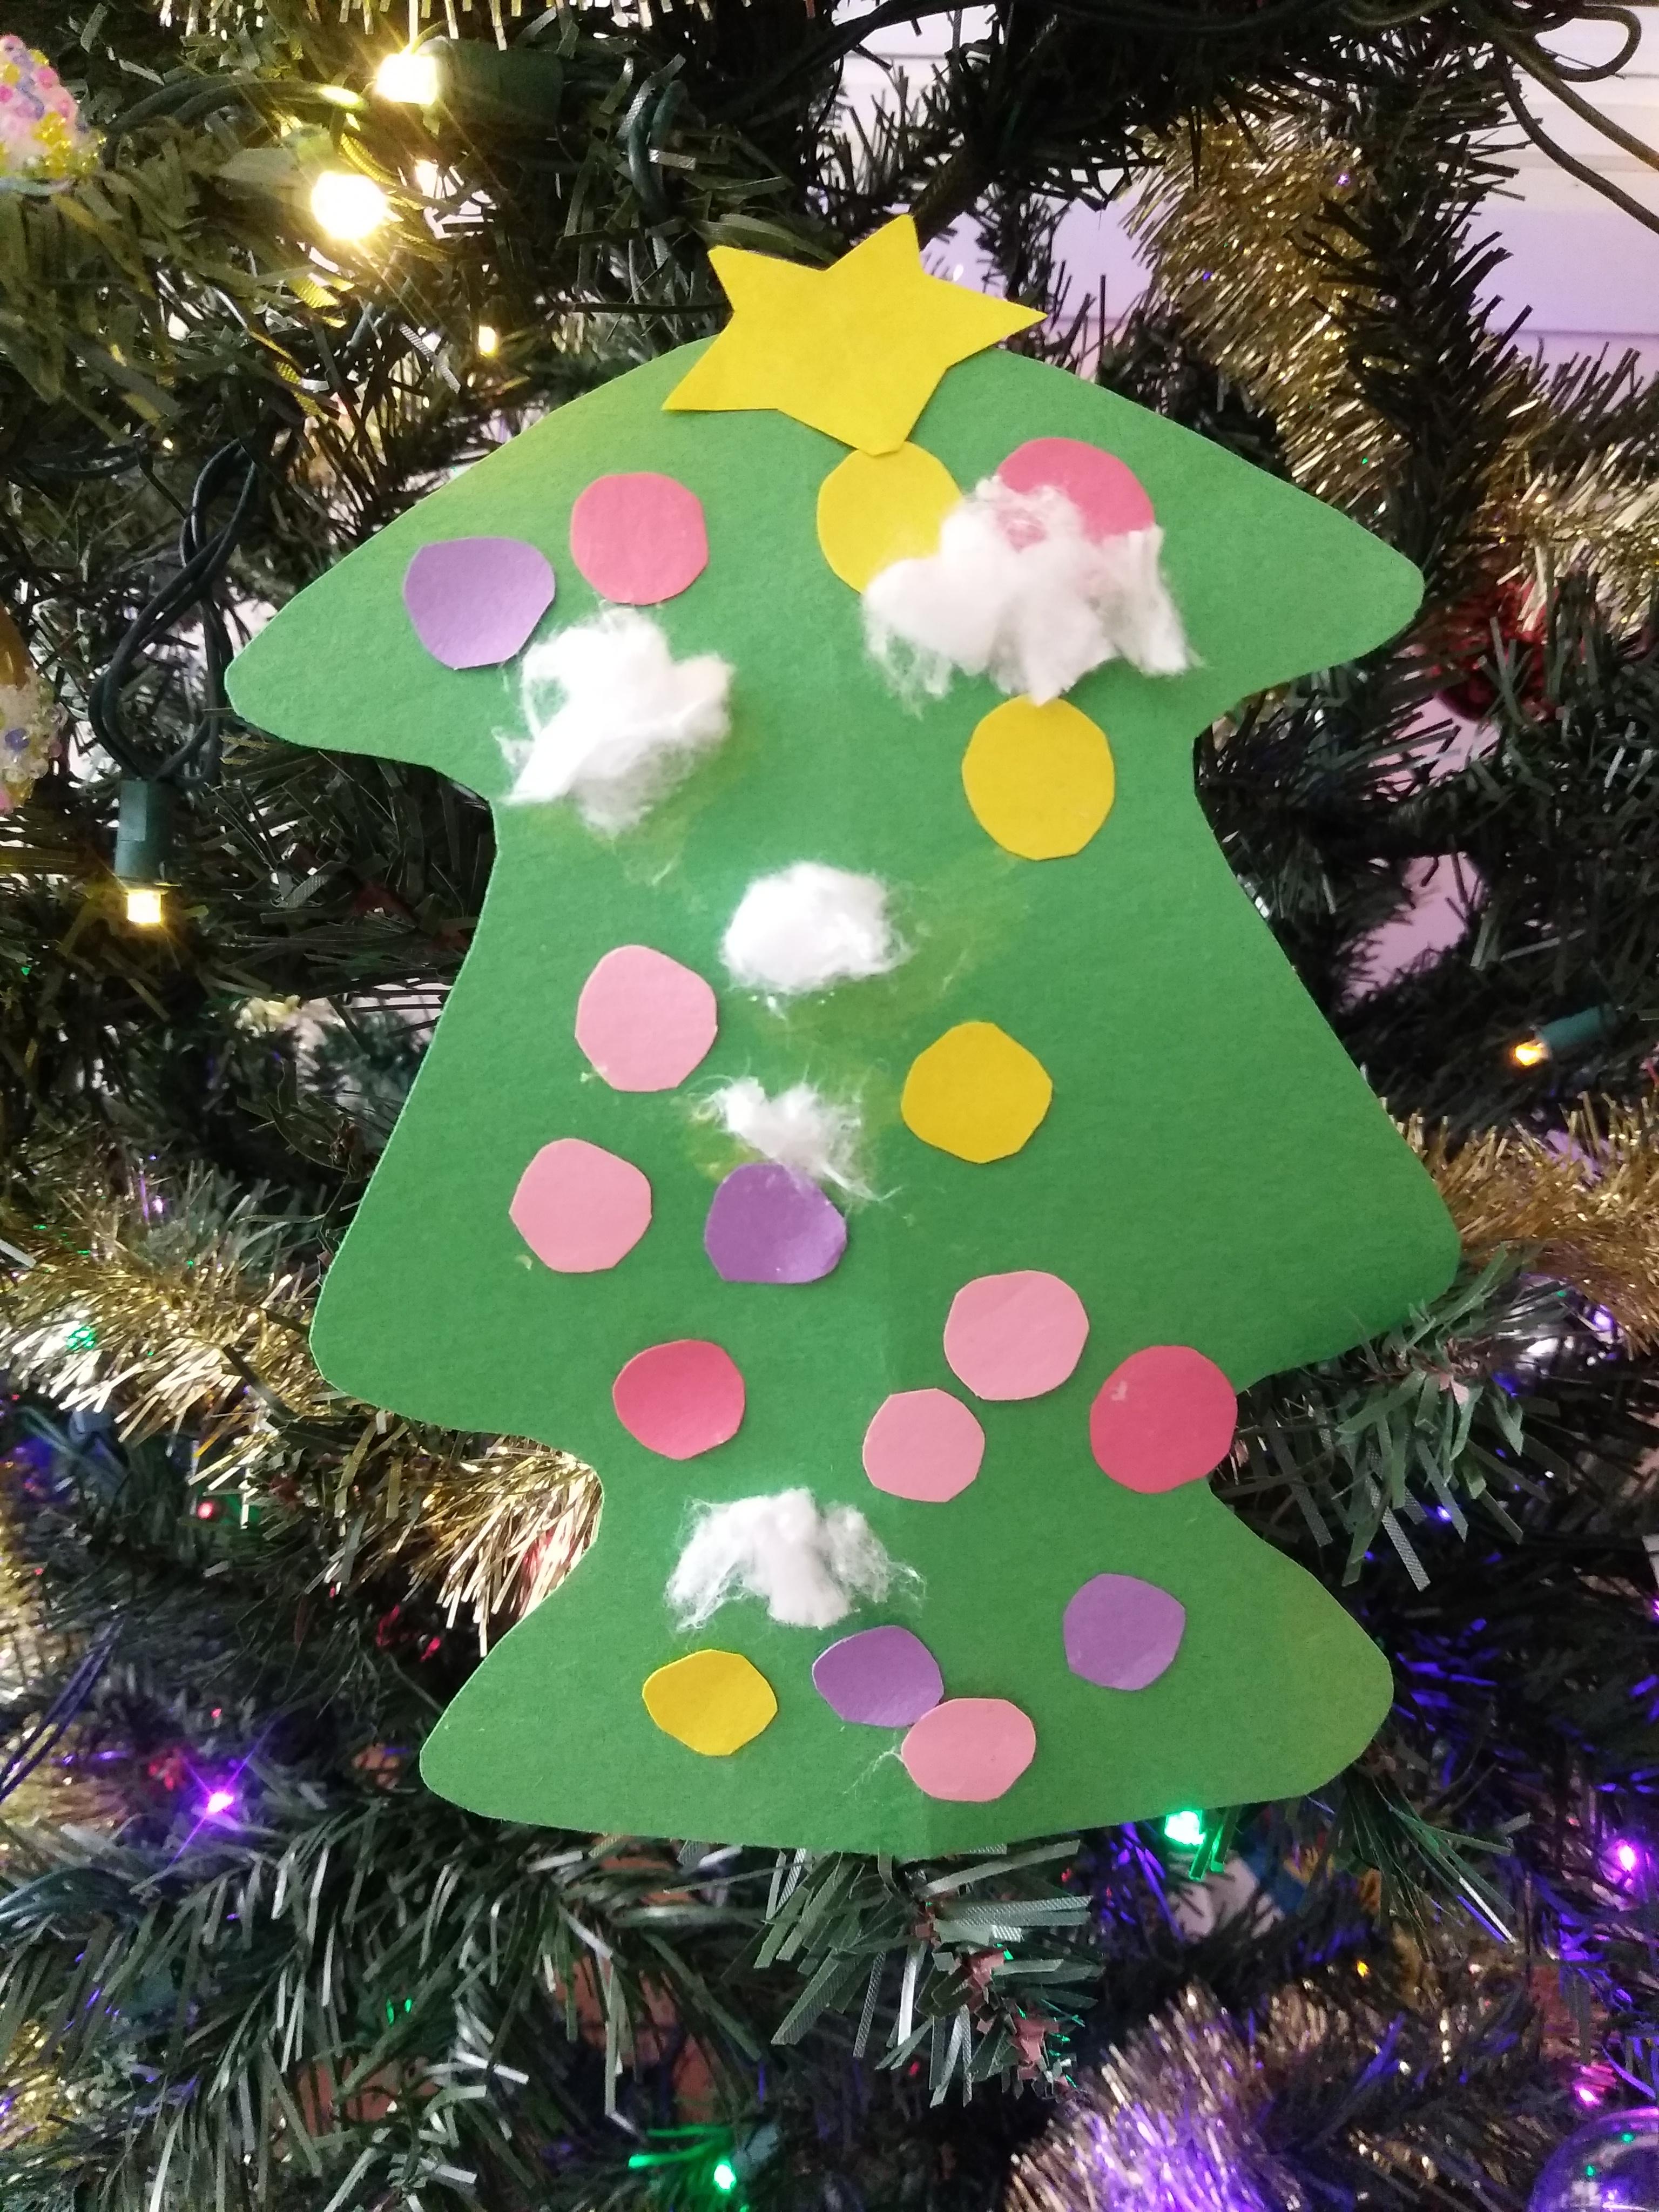 クリスマスツリーのクラフトにコットンを貼ったのをクリスマスツリーに飾っている写真